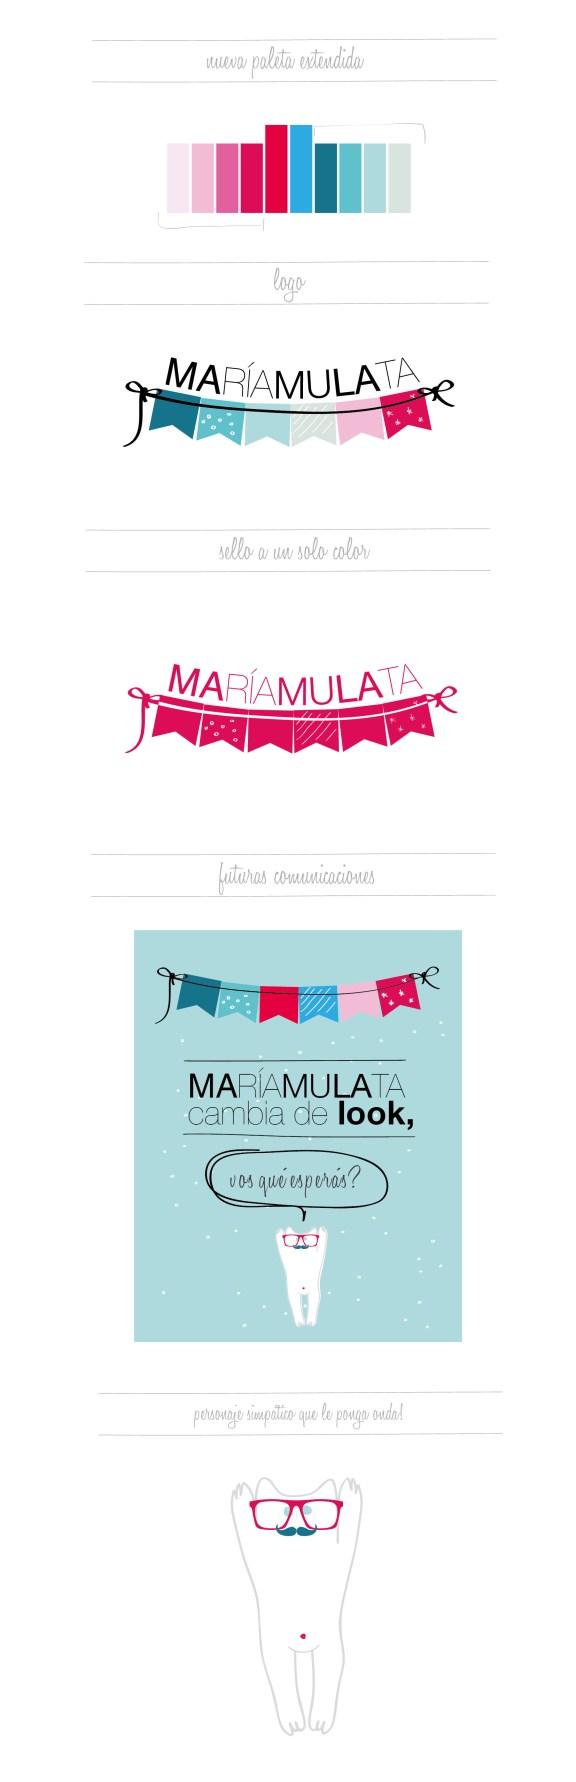 Mm-Imagen